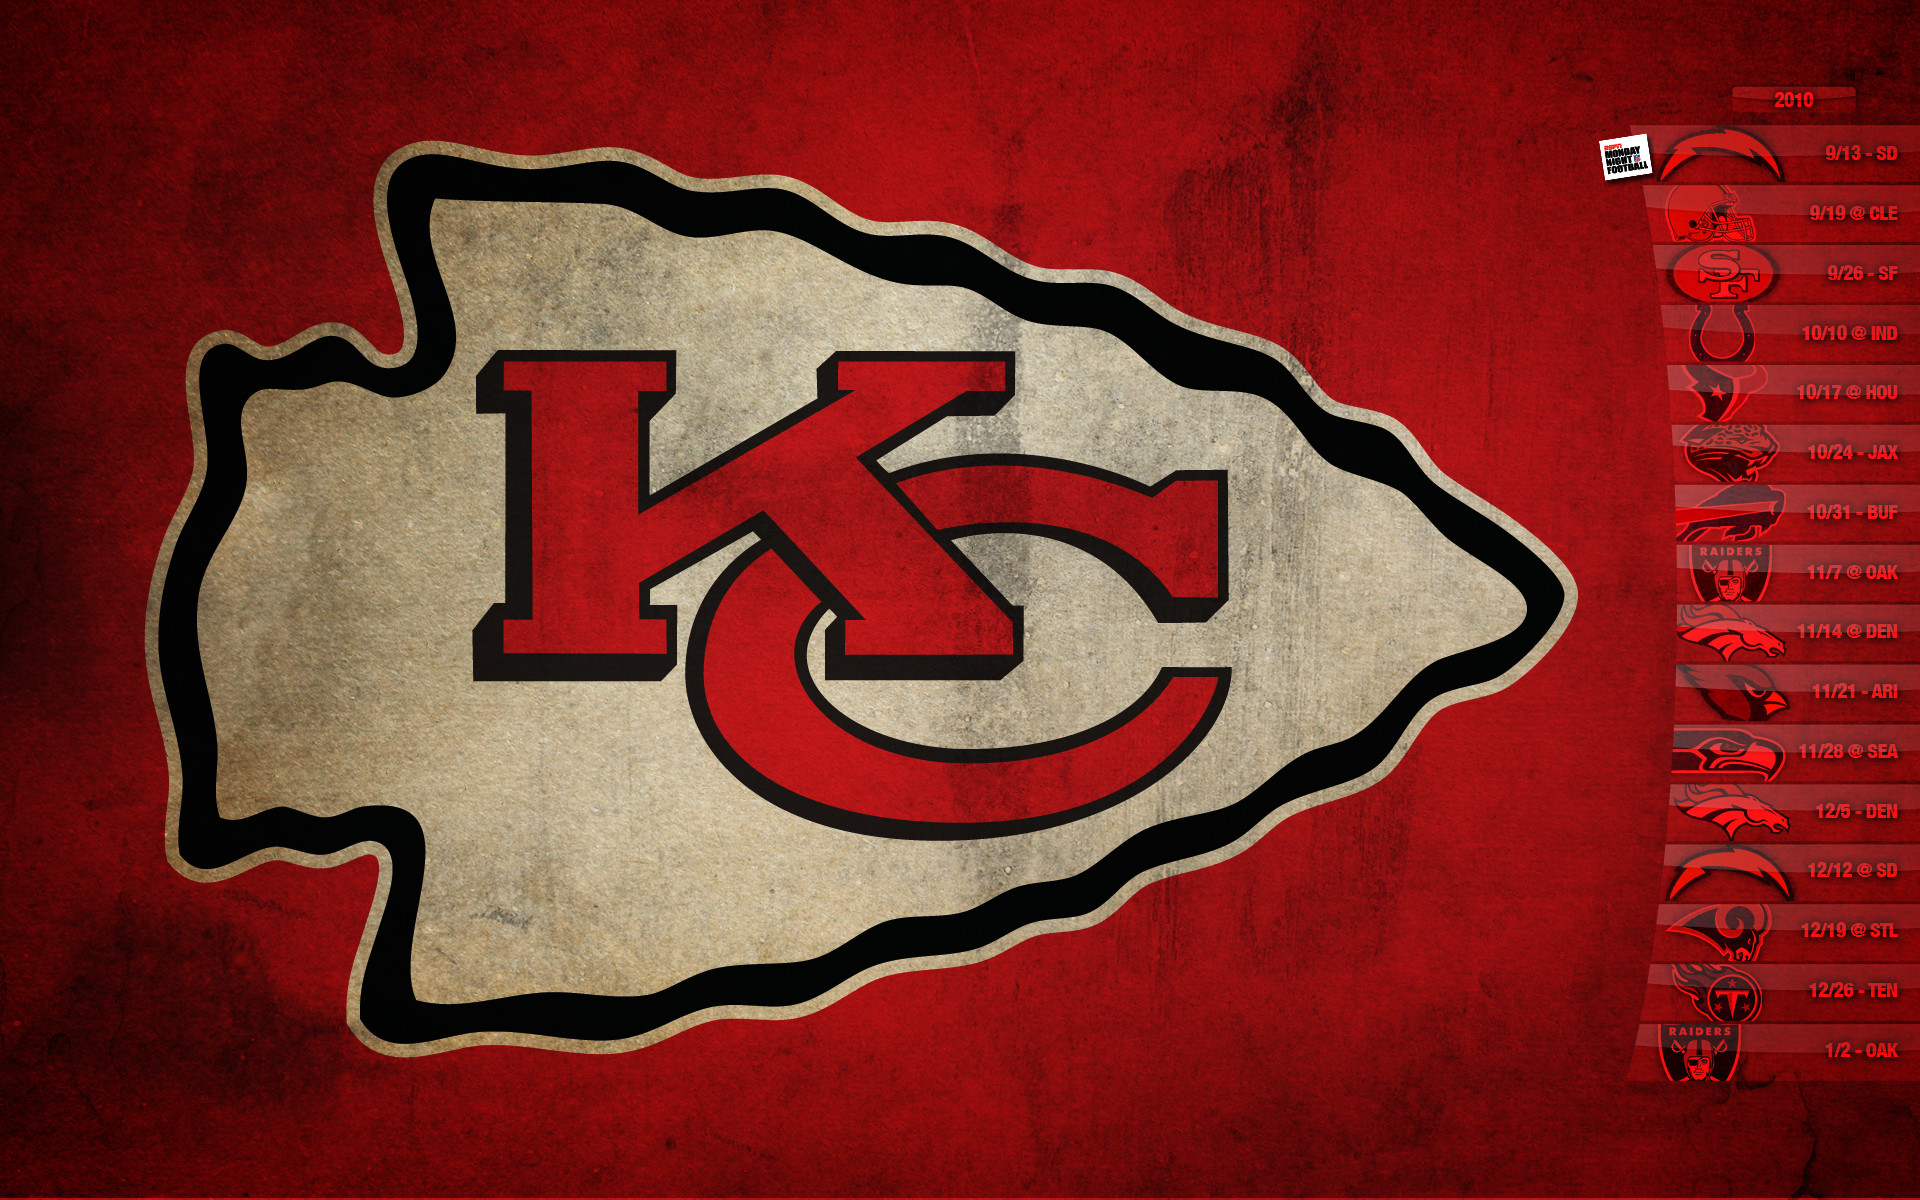 The best Kansas City Chiefs wallpaper wallpaper ever?